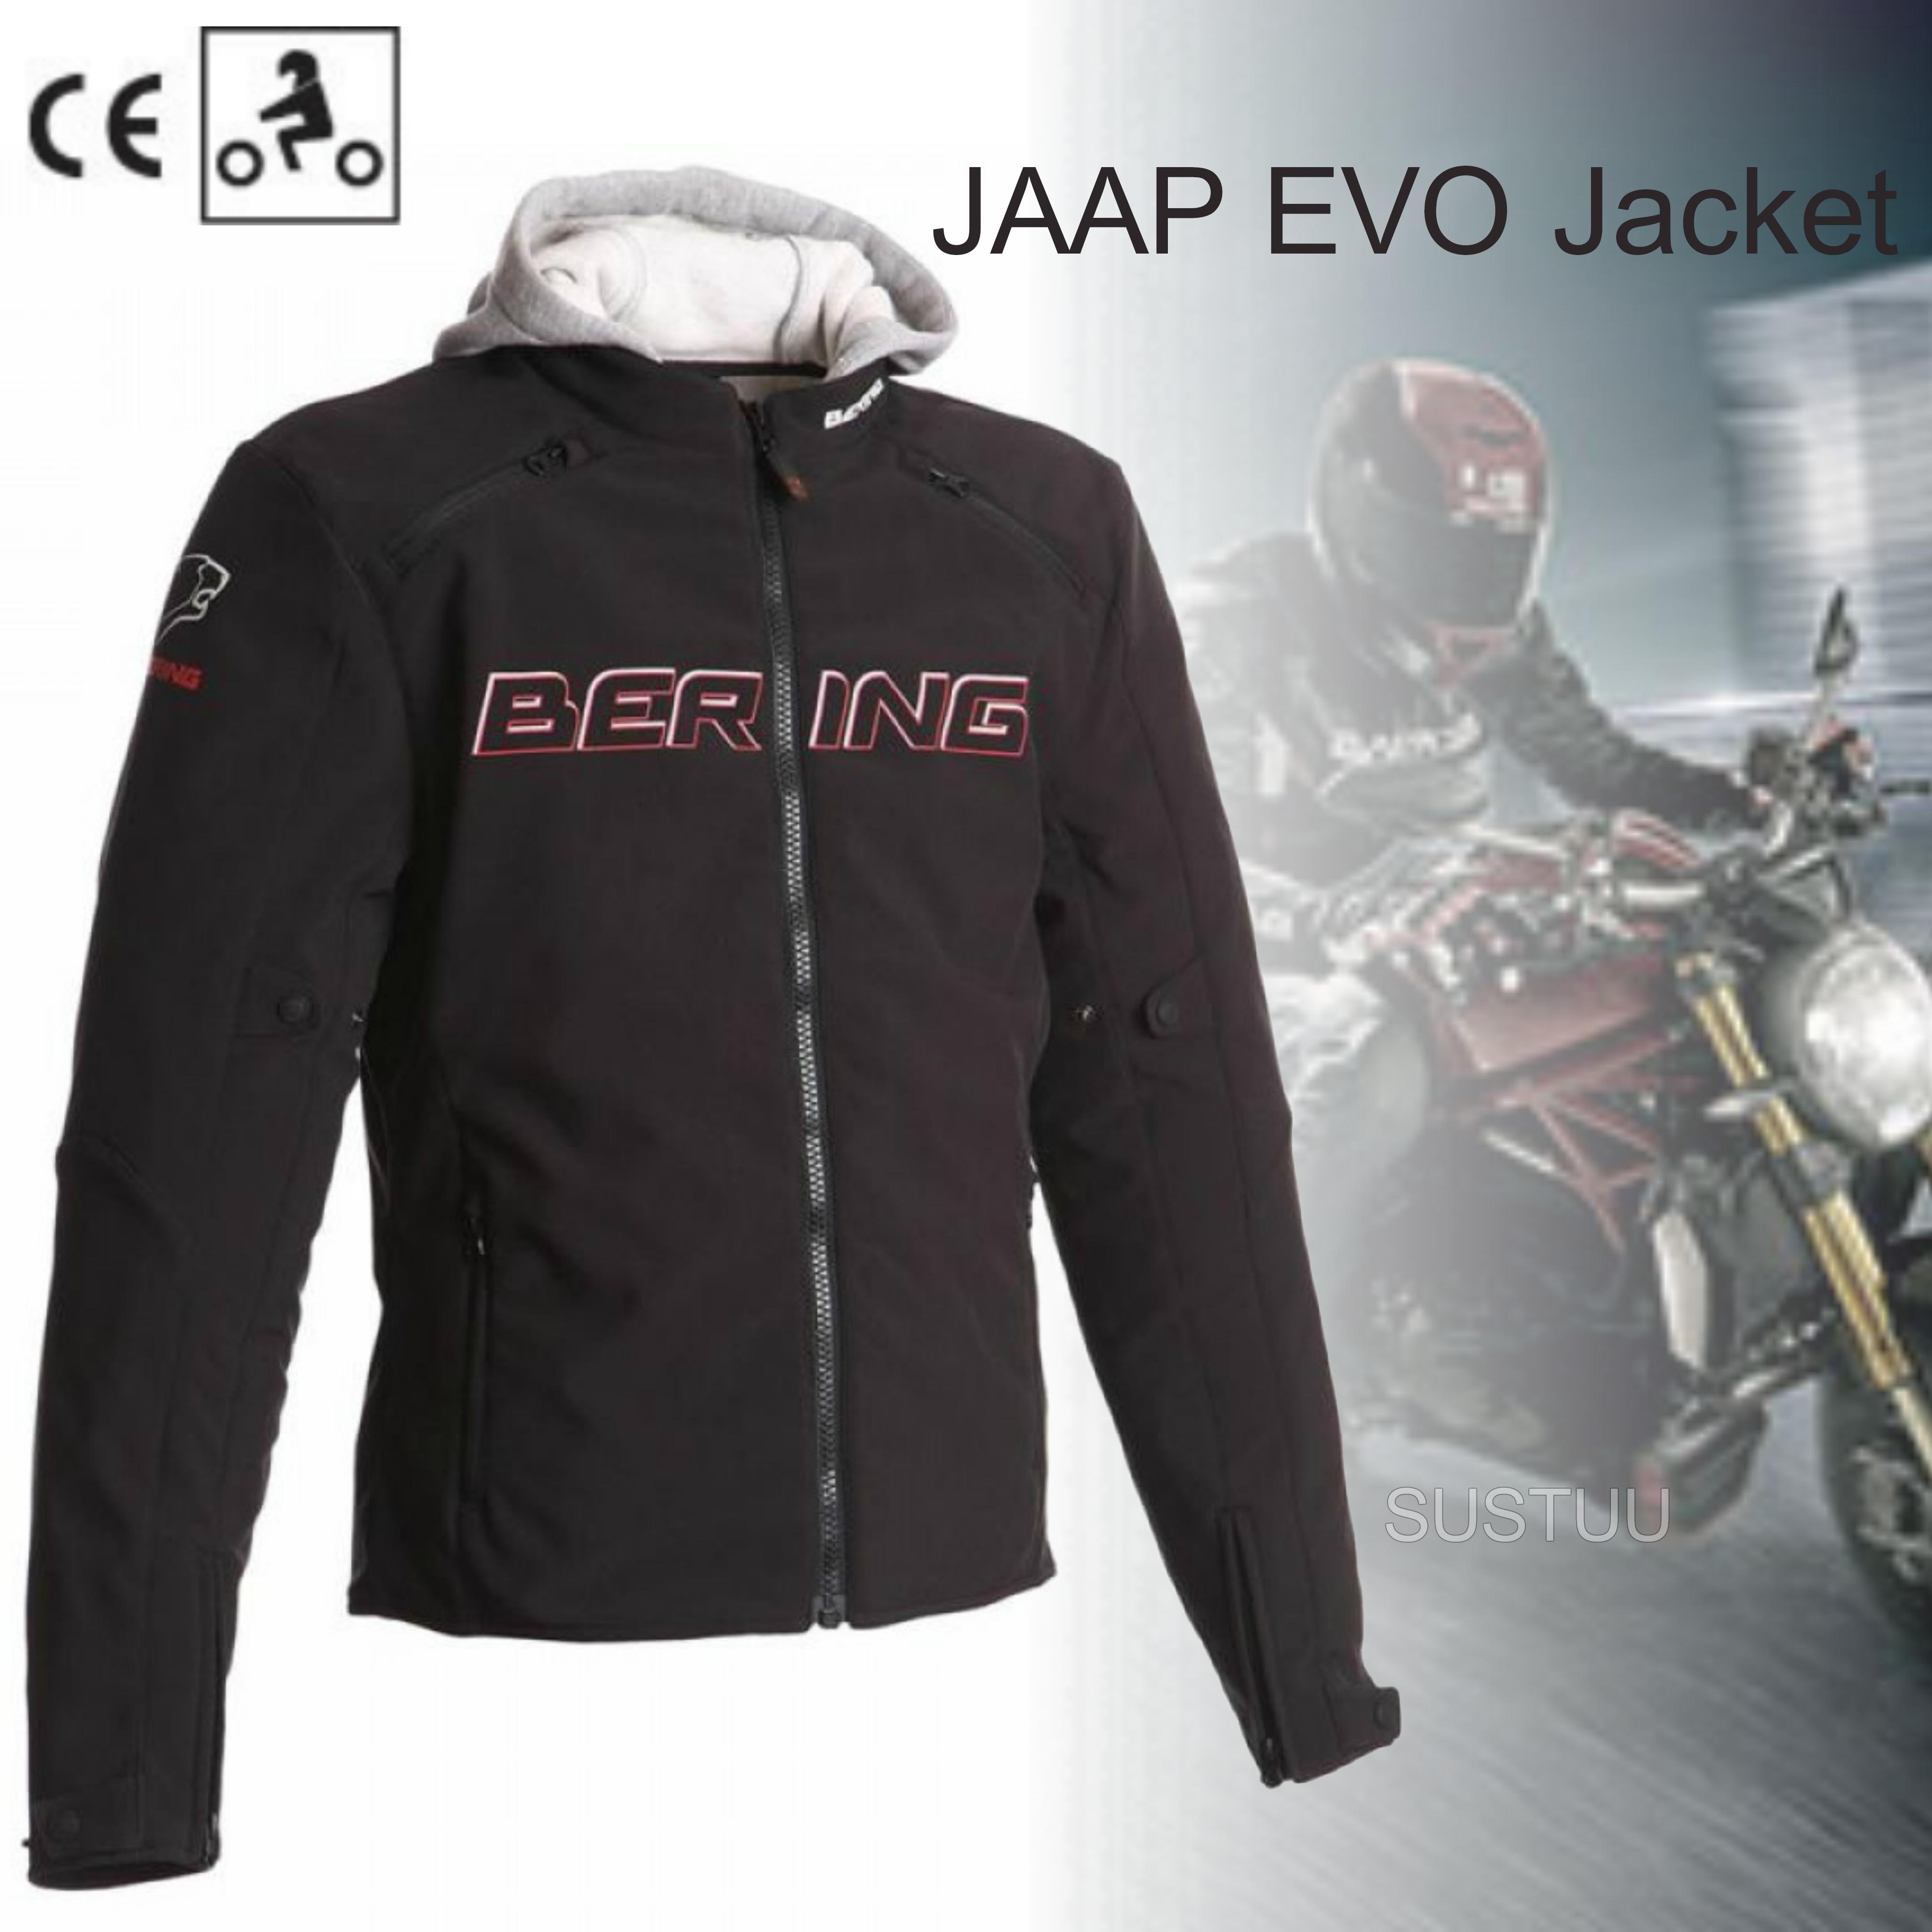 New Bering Jaap Evo Motorcycle/Bike Men Textile Jacket|Waterproof|CE Approved|Black/Red